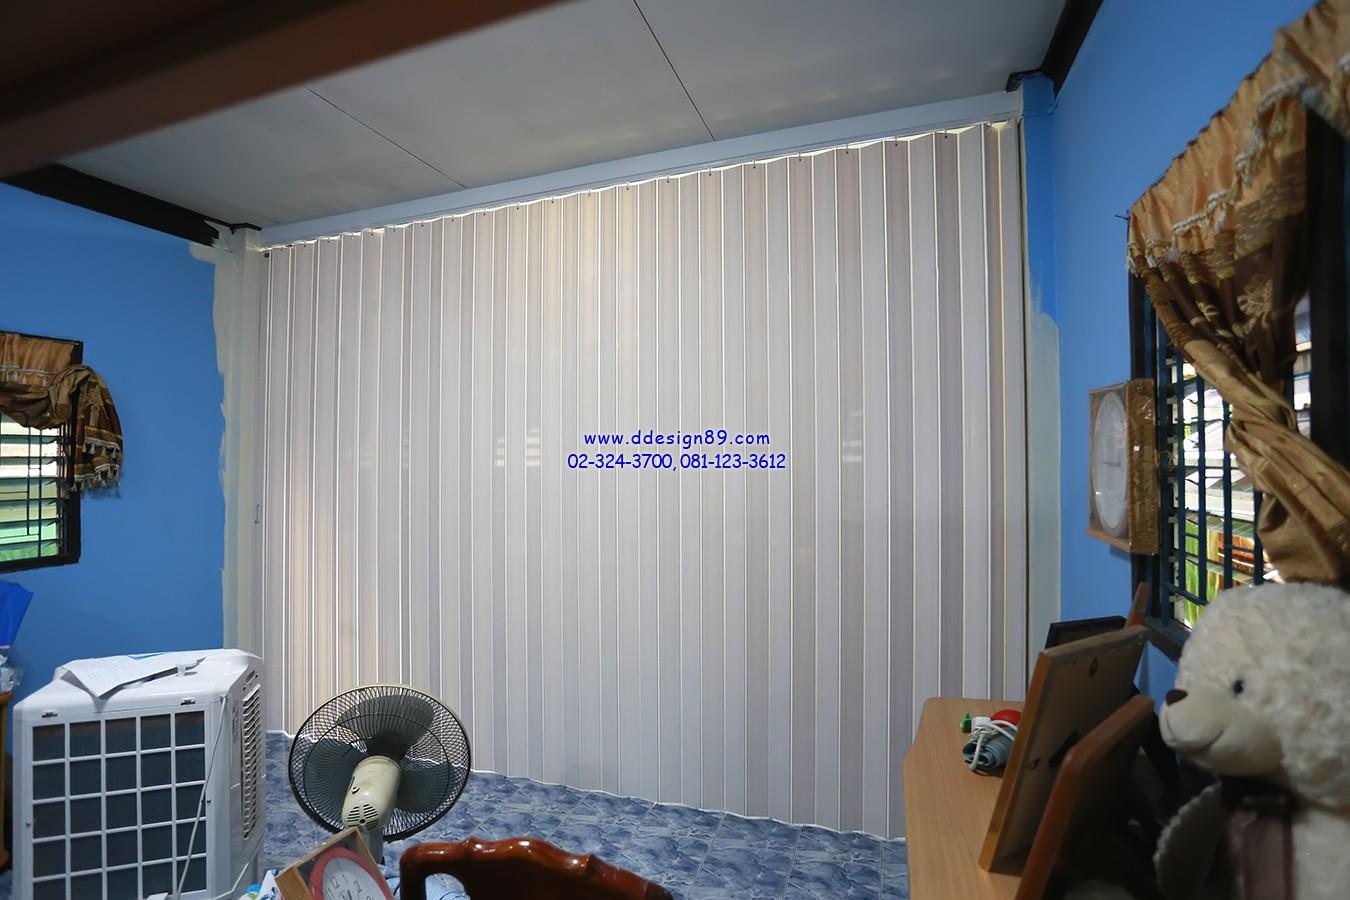 ติดฉากแทนประตู ติดฉากกั้นแอร์ ติดฉากกั้นห้อง ฉากแบบทึบสีขาว ที่ซอยเคหะฉลองกรุง หนองจอก